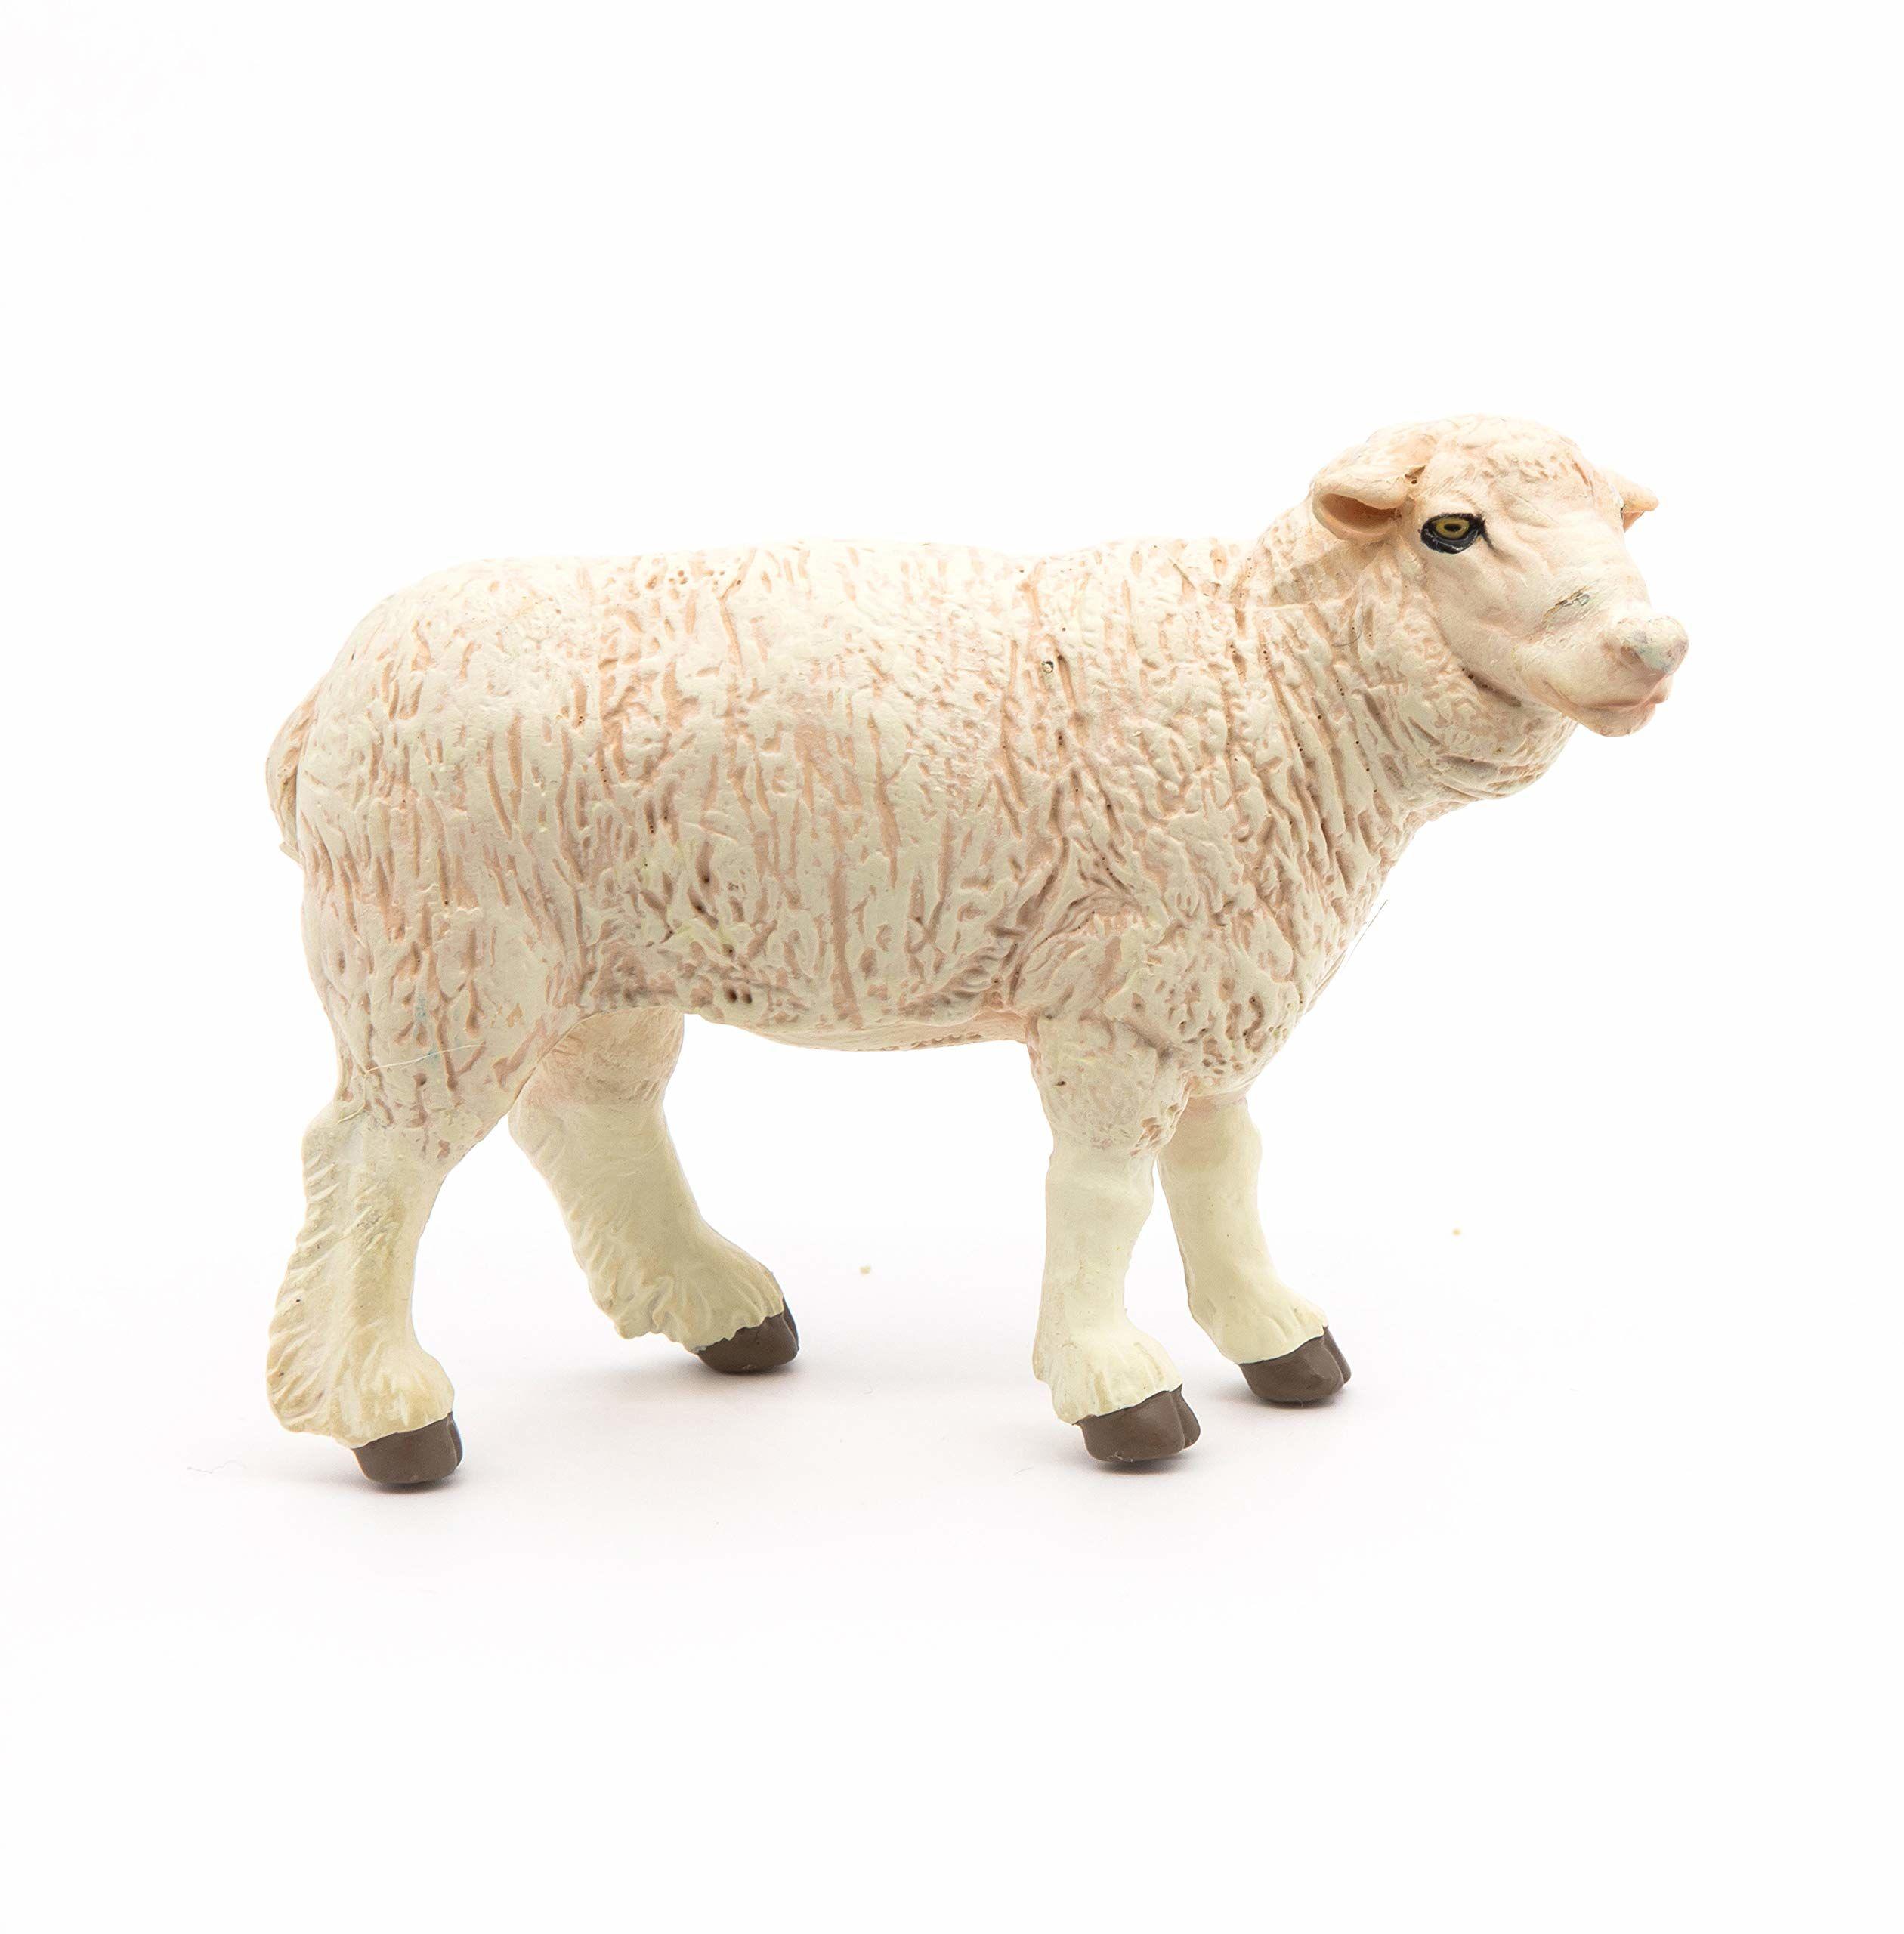 Papo 51041 Merinos owca FARMYARD FRIENDS figurka wielokolorowa